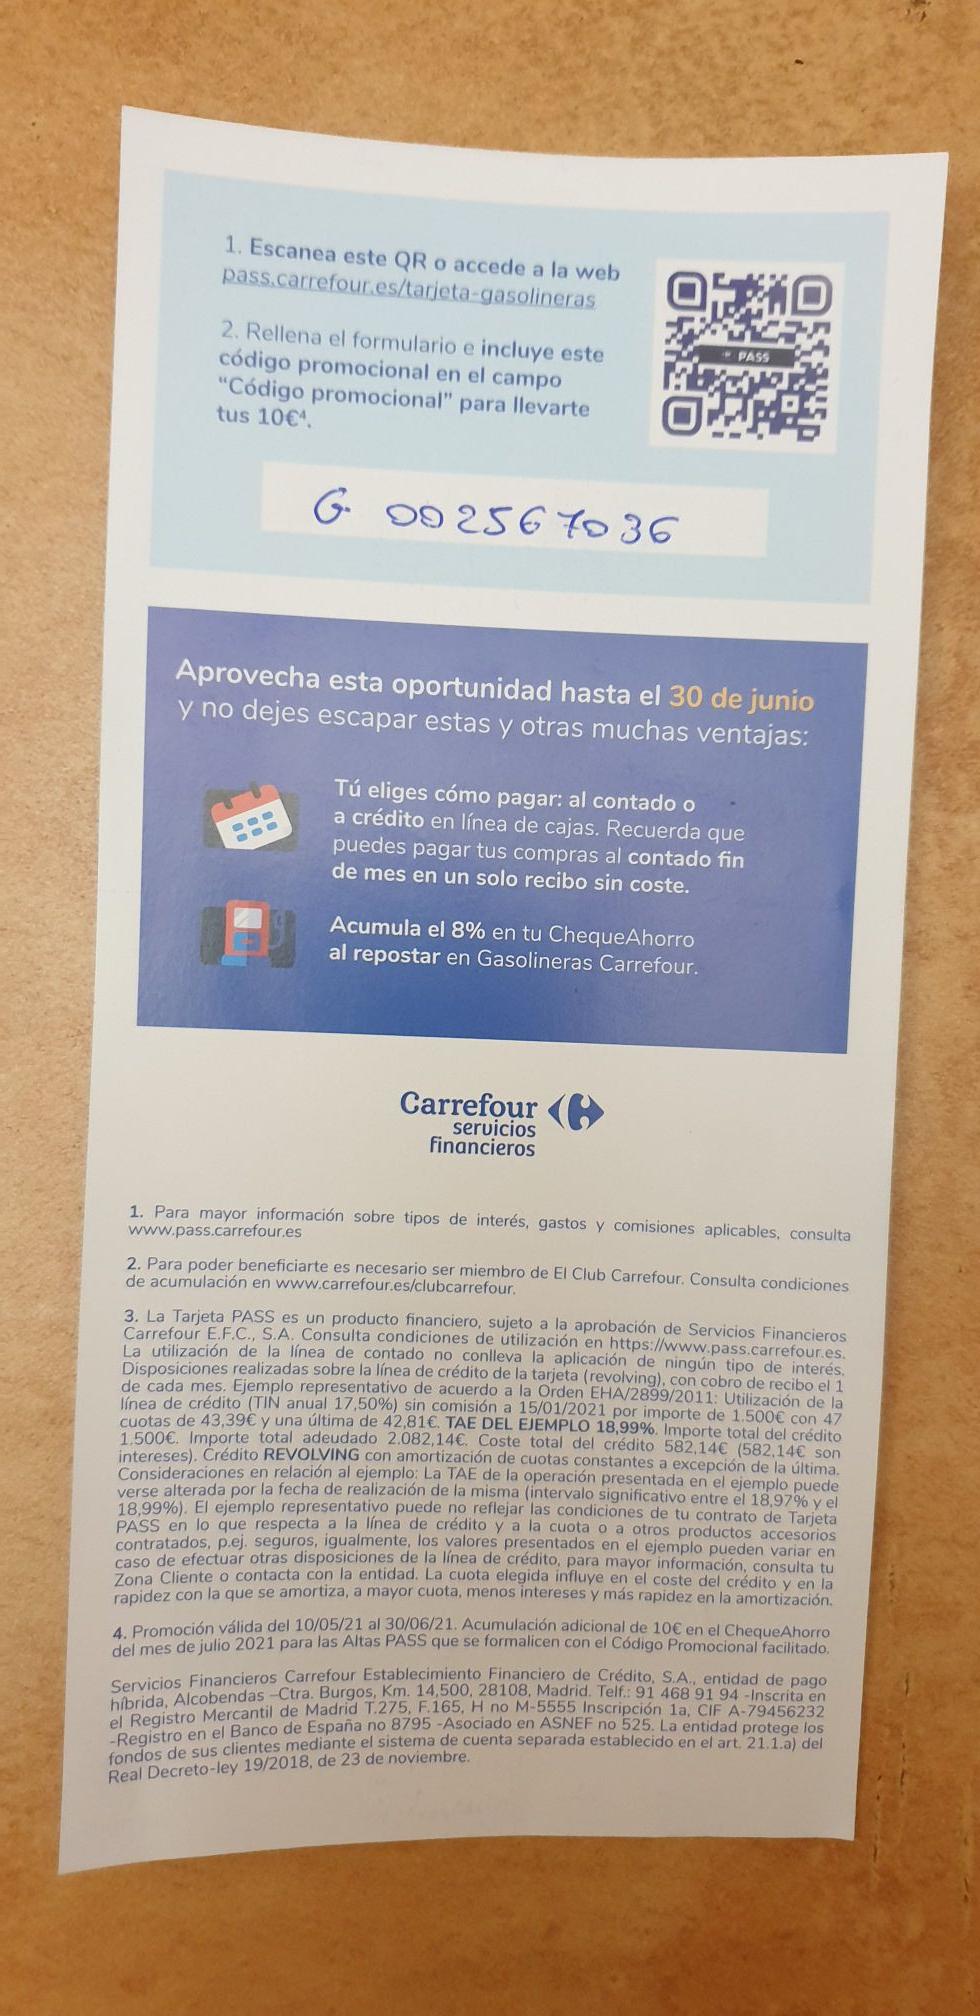 10€ más para tu cheque ahorro Carrefour Haciéndote la tarjeta Pass